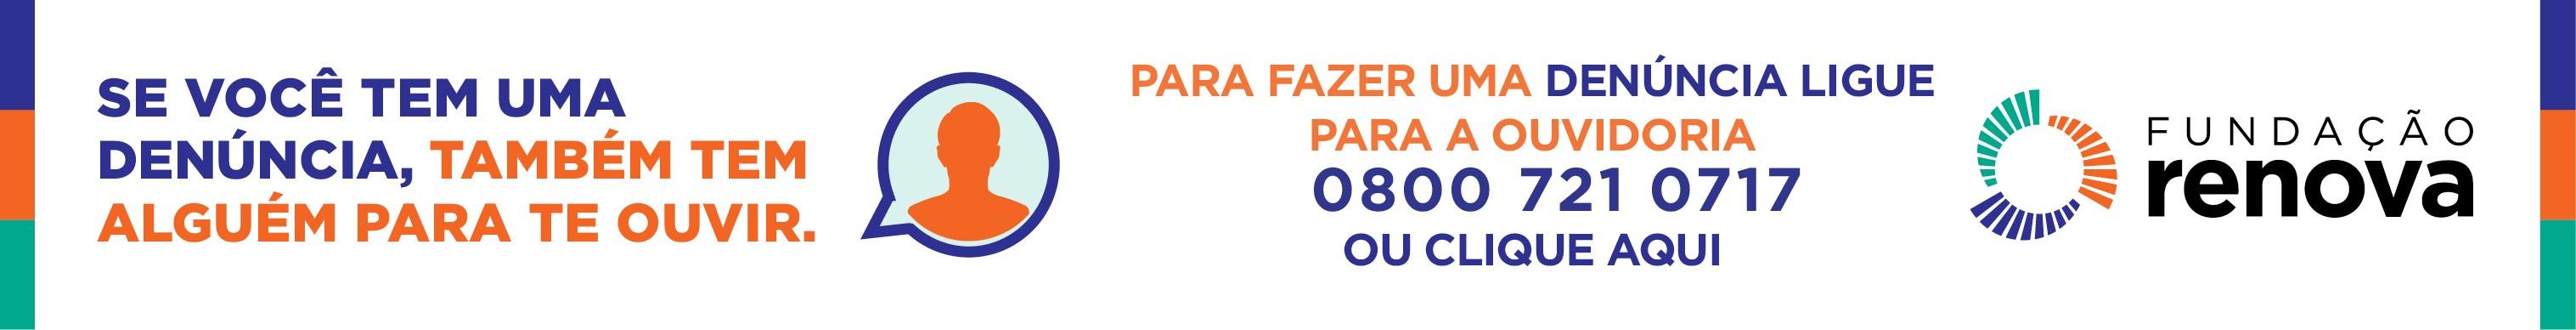 FUNDAÇÃO RENOVA PI 21651